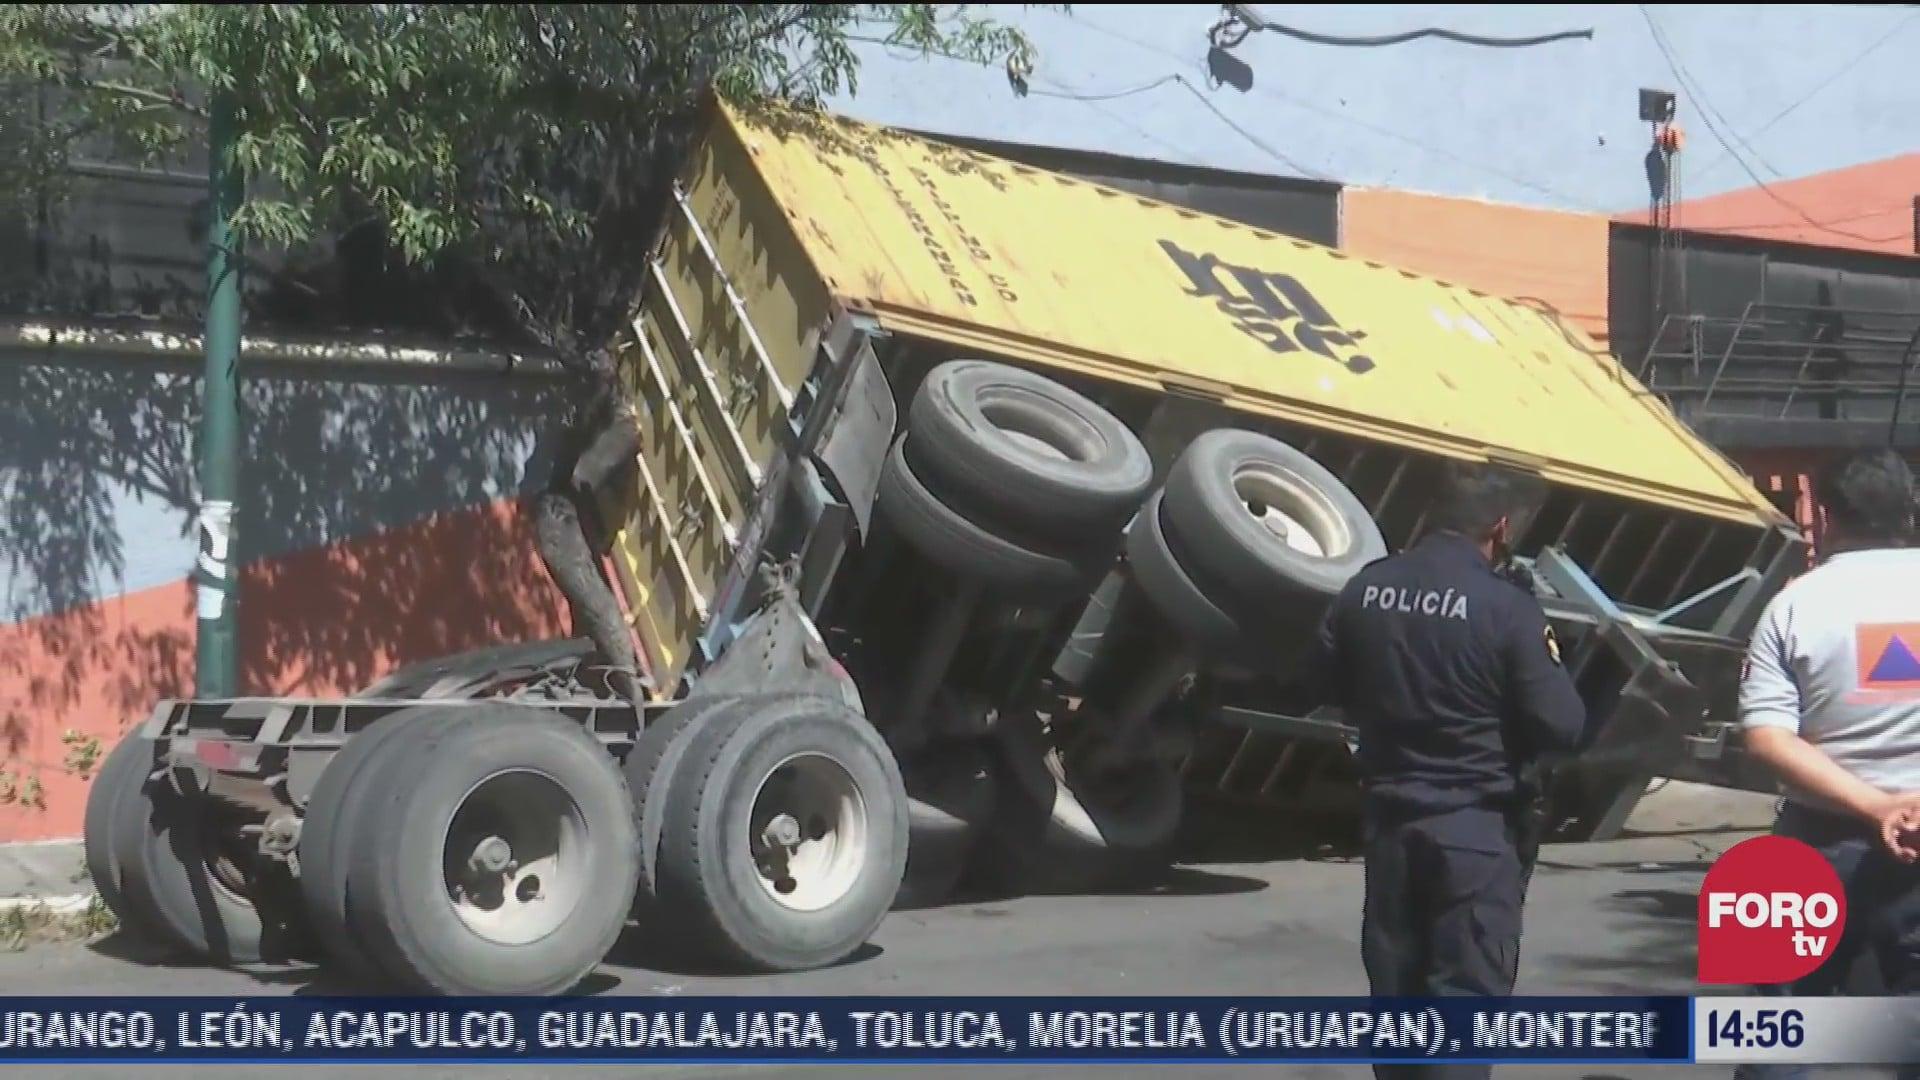 vuelca trailer en iztacalco tras reblandecimiento del piso